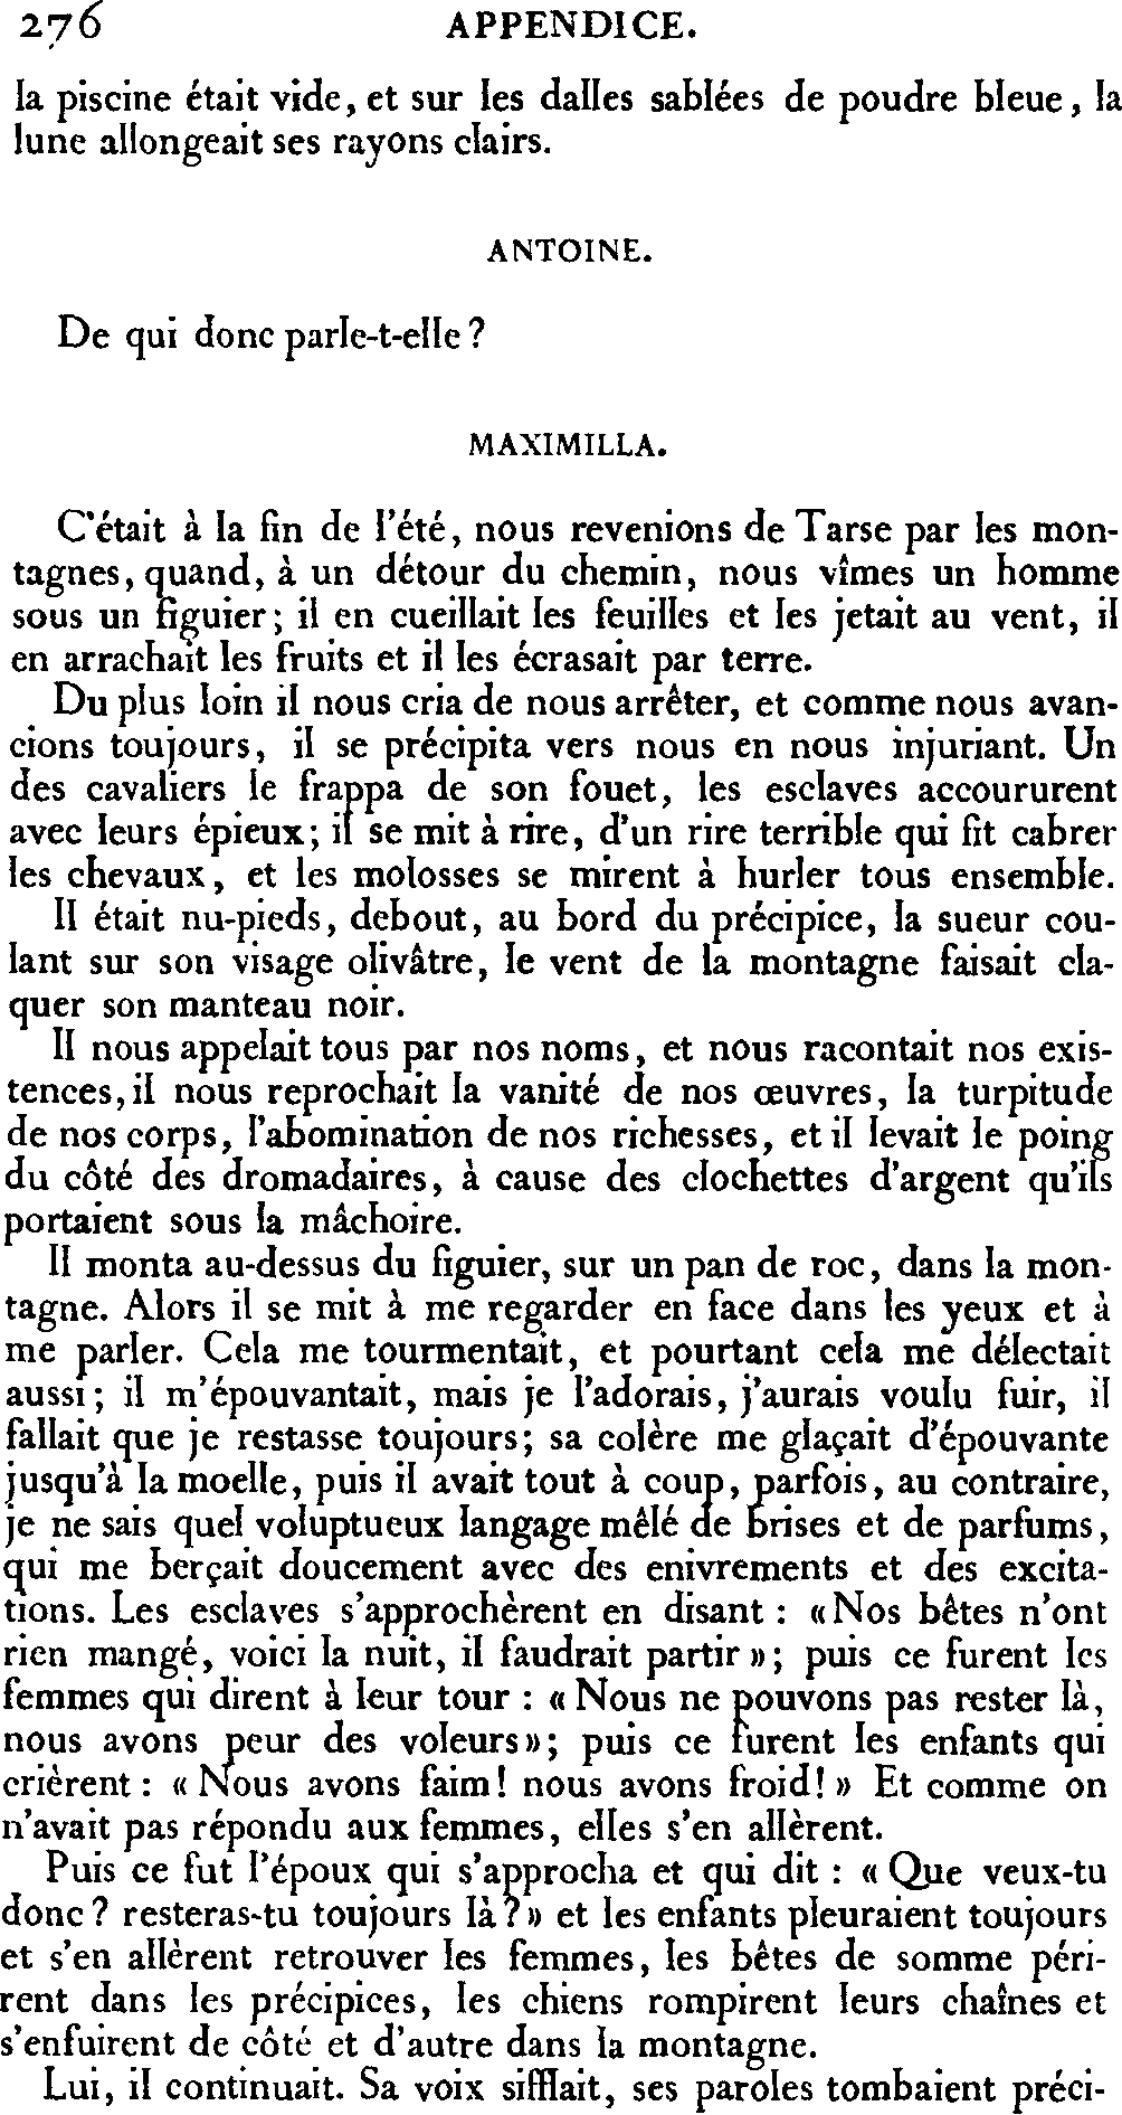 Page Gustave Flaubert La Tentation De Saint Antoine Djvu 276